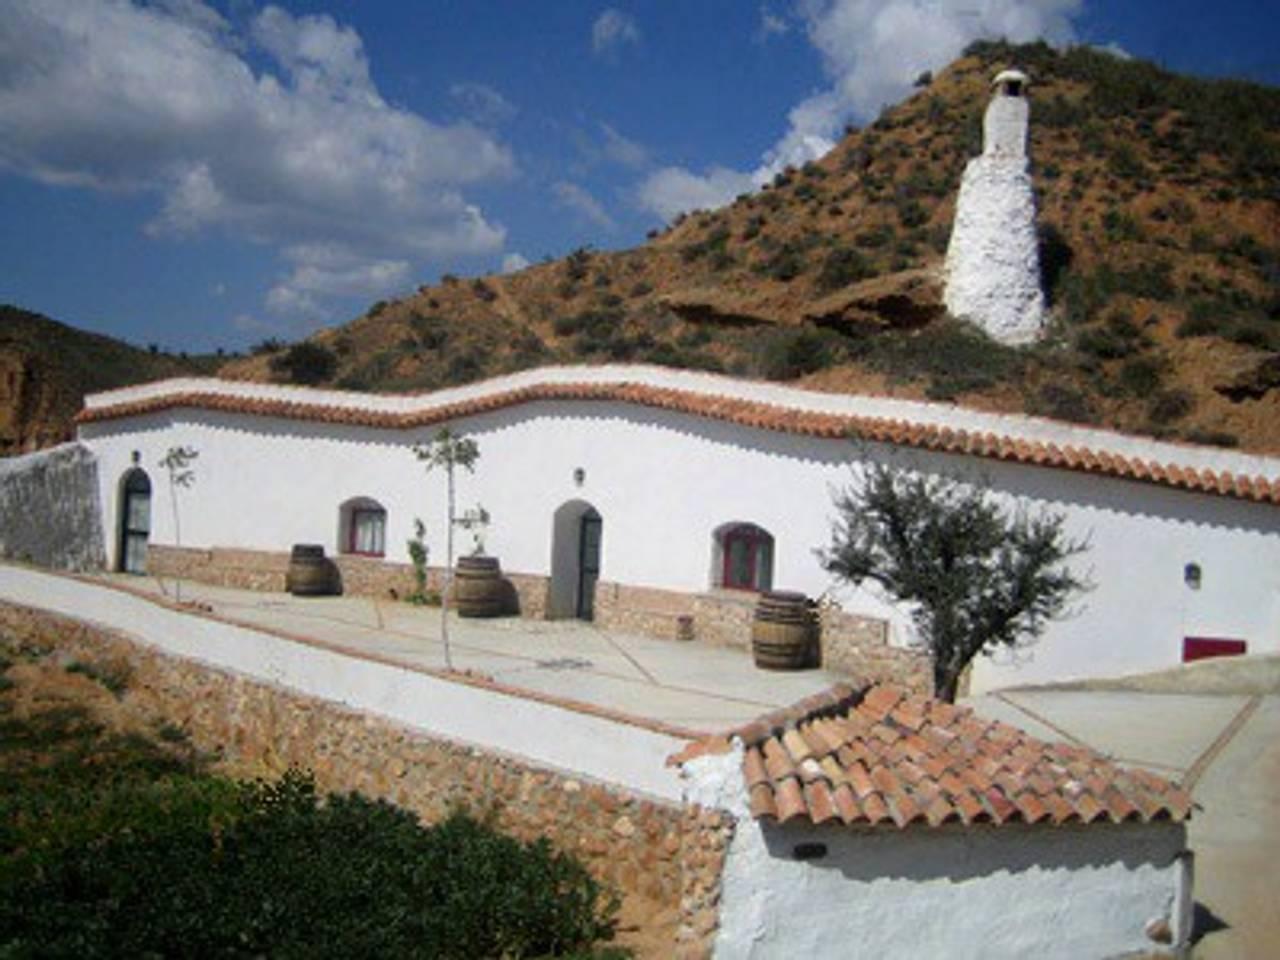 Alquiler vacaciones en Cortes y Graena, Granada